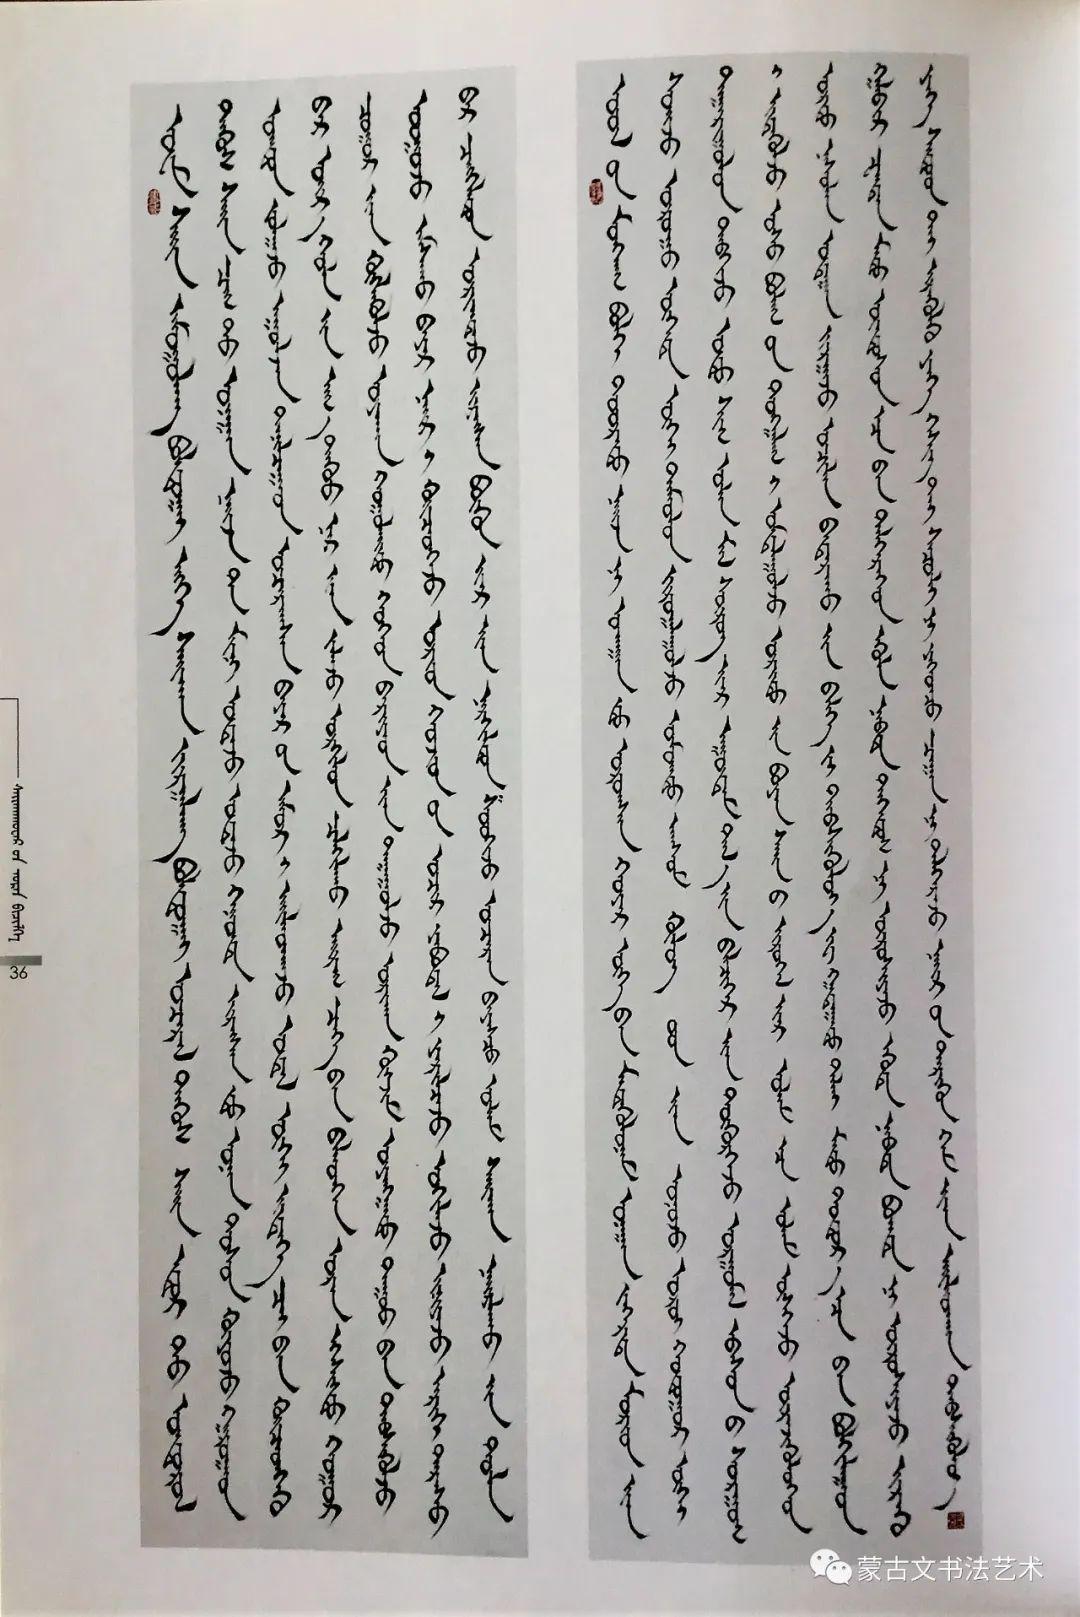 包赛音花《传奇奈曼-包赛音花蒙古文书法》 第13张